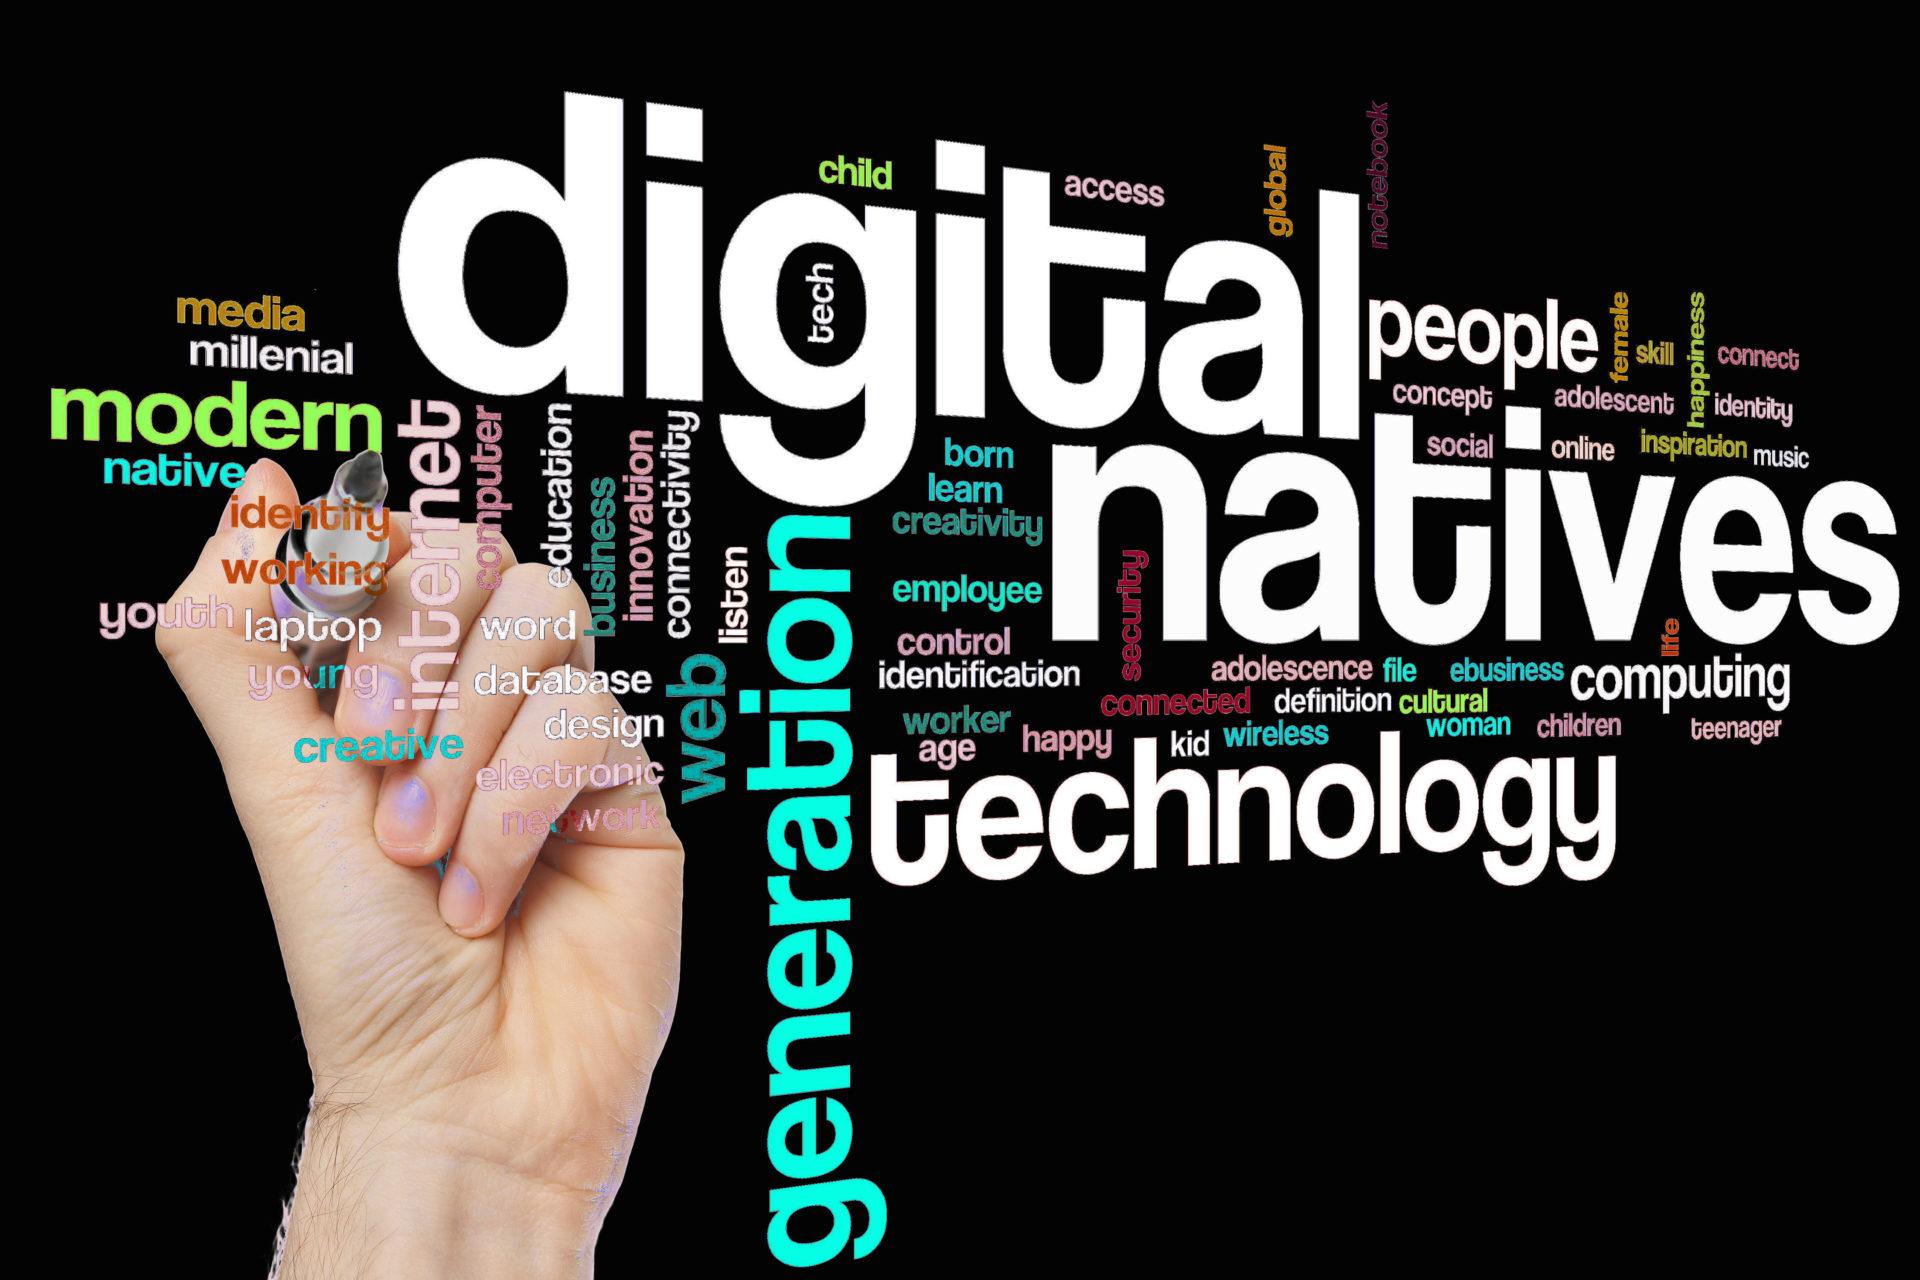 デジタルネイティブ・テクノロジー